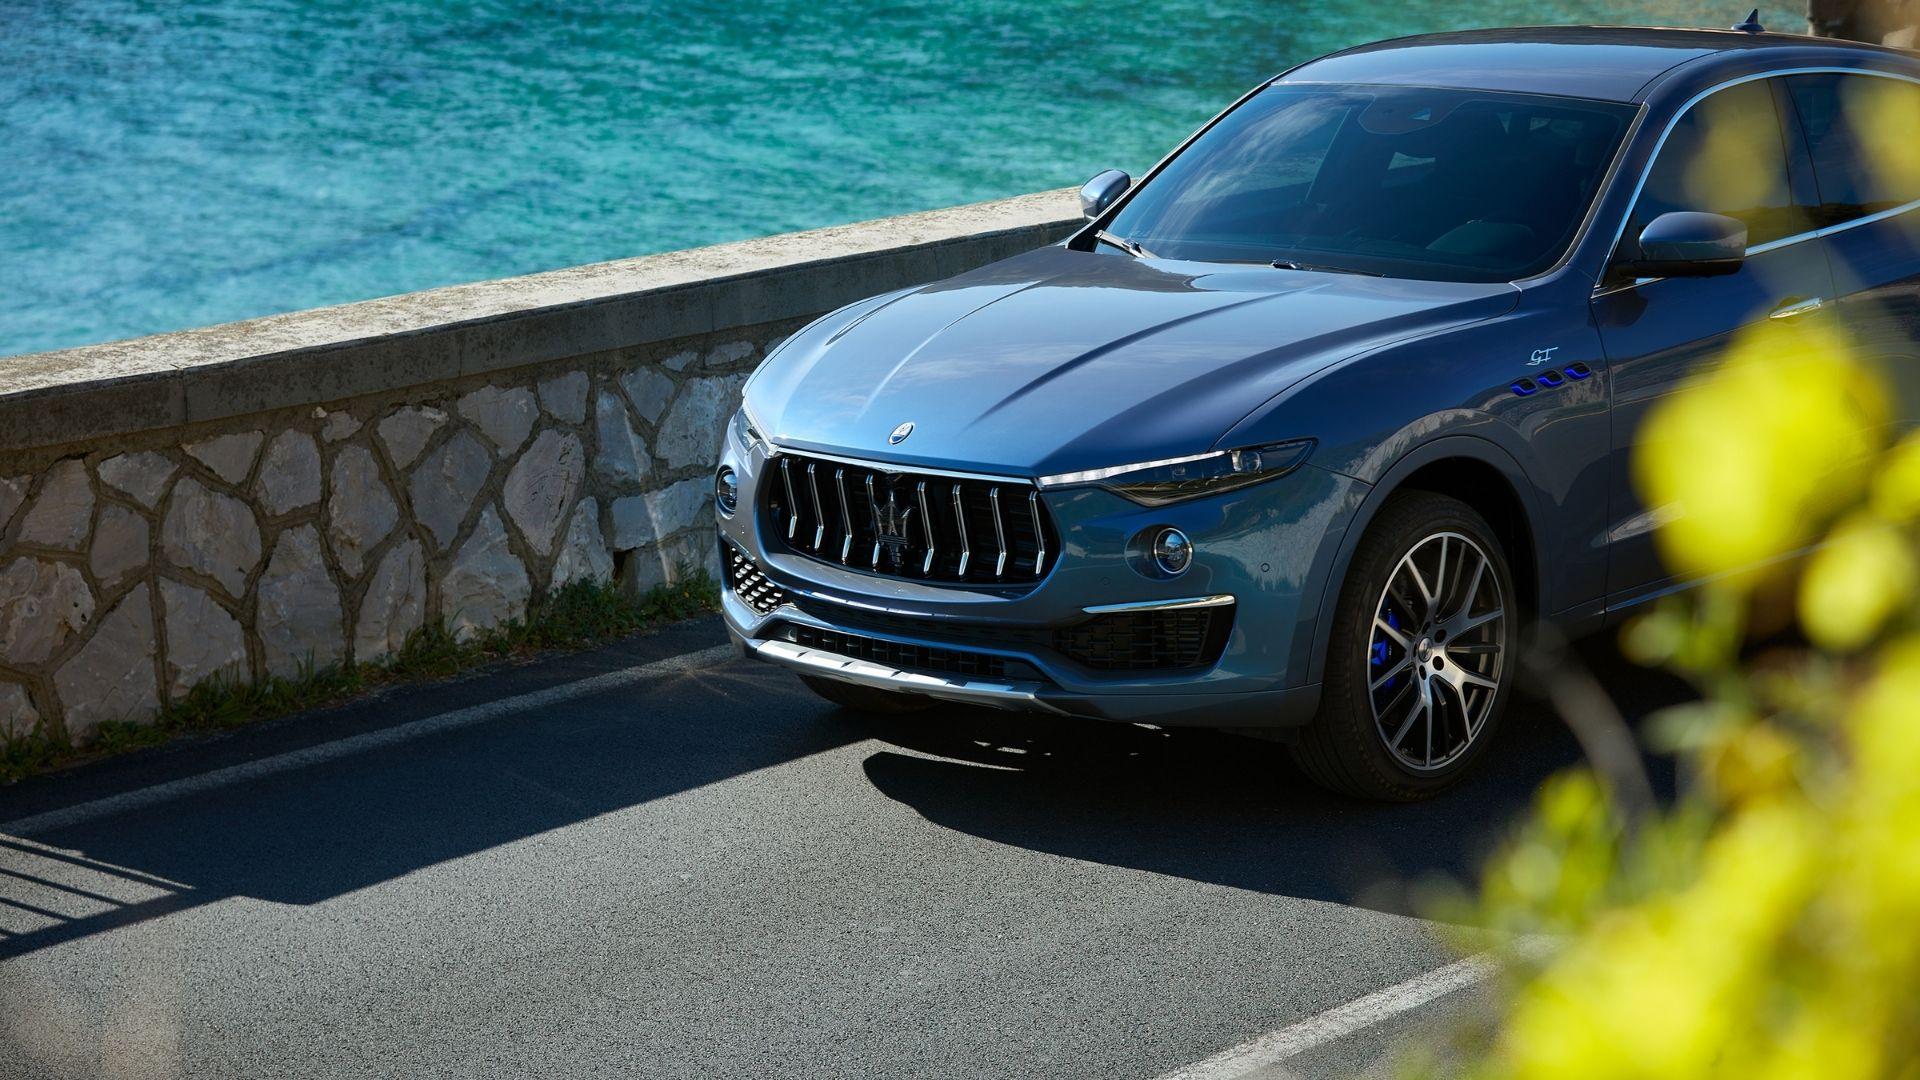 Maserati-Levante-dettaglio-anteriore-mare